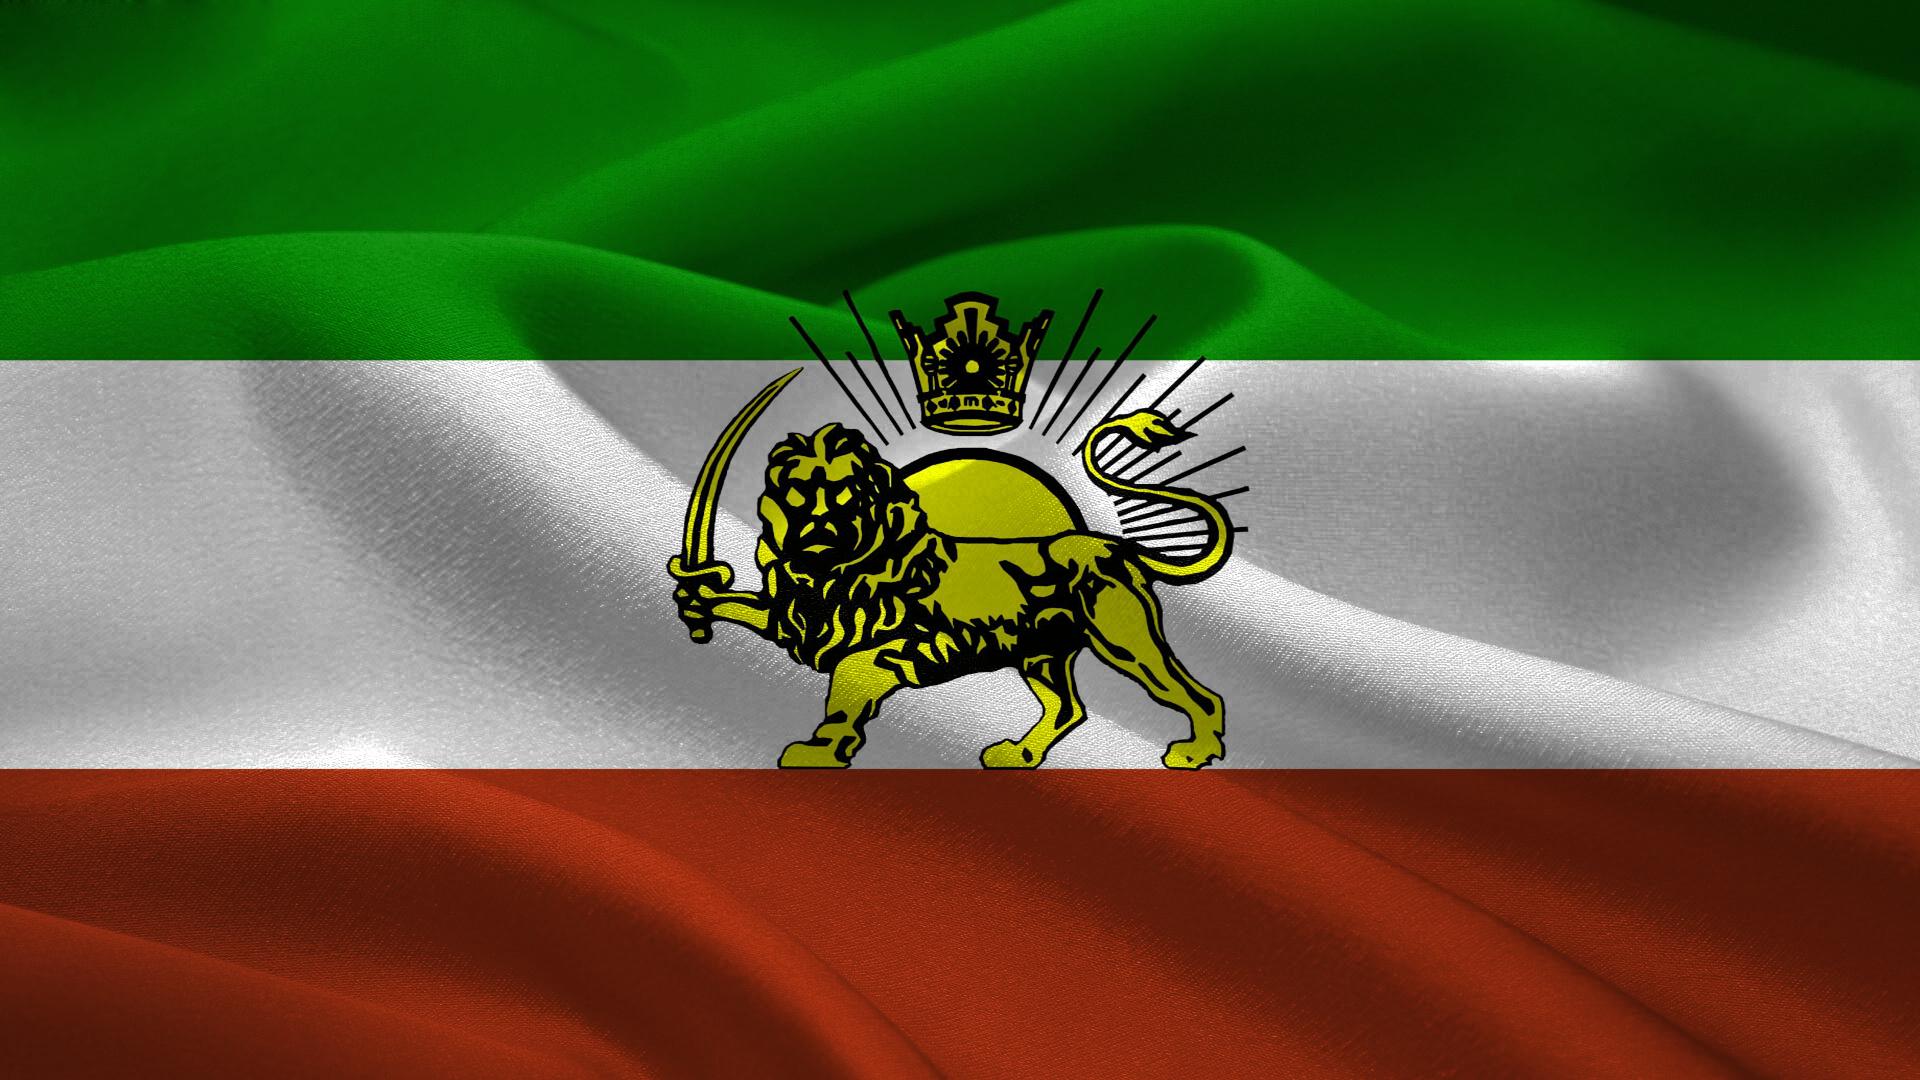 белорусский флаг обои на рабочий стол № 540641  скачать